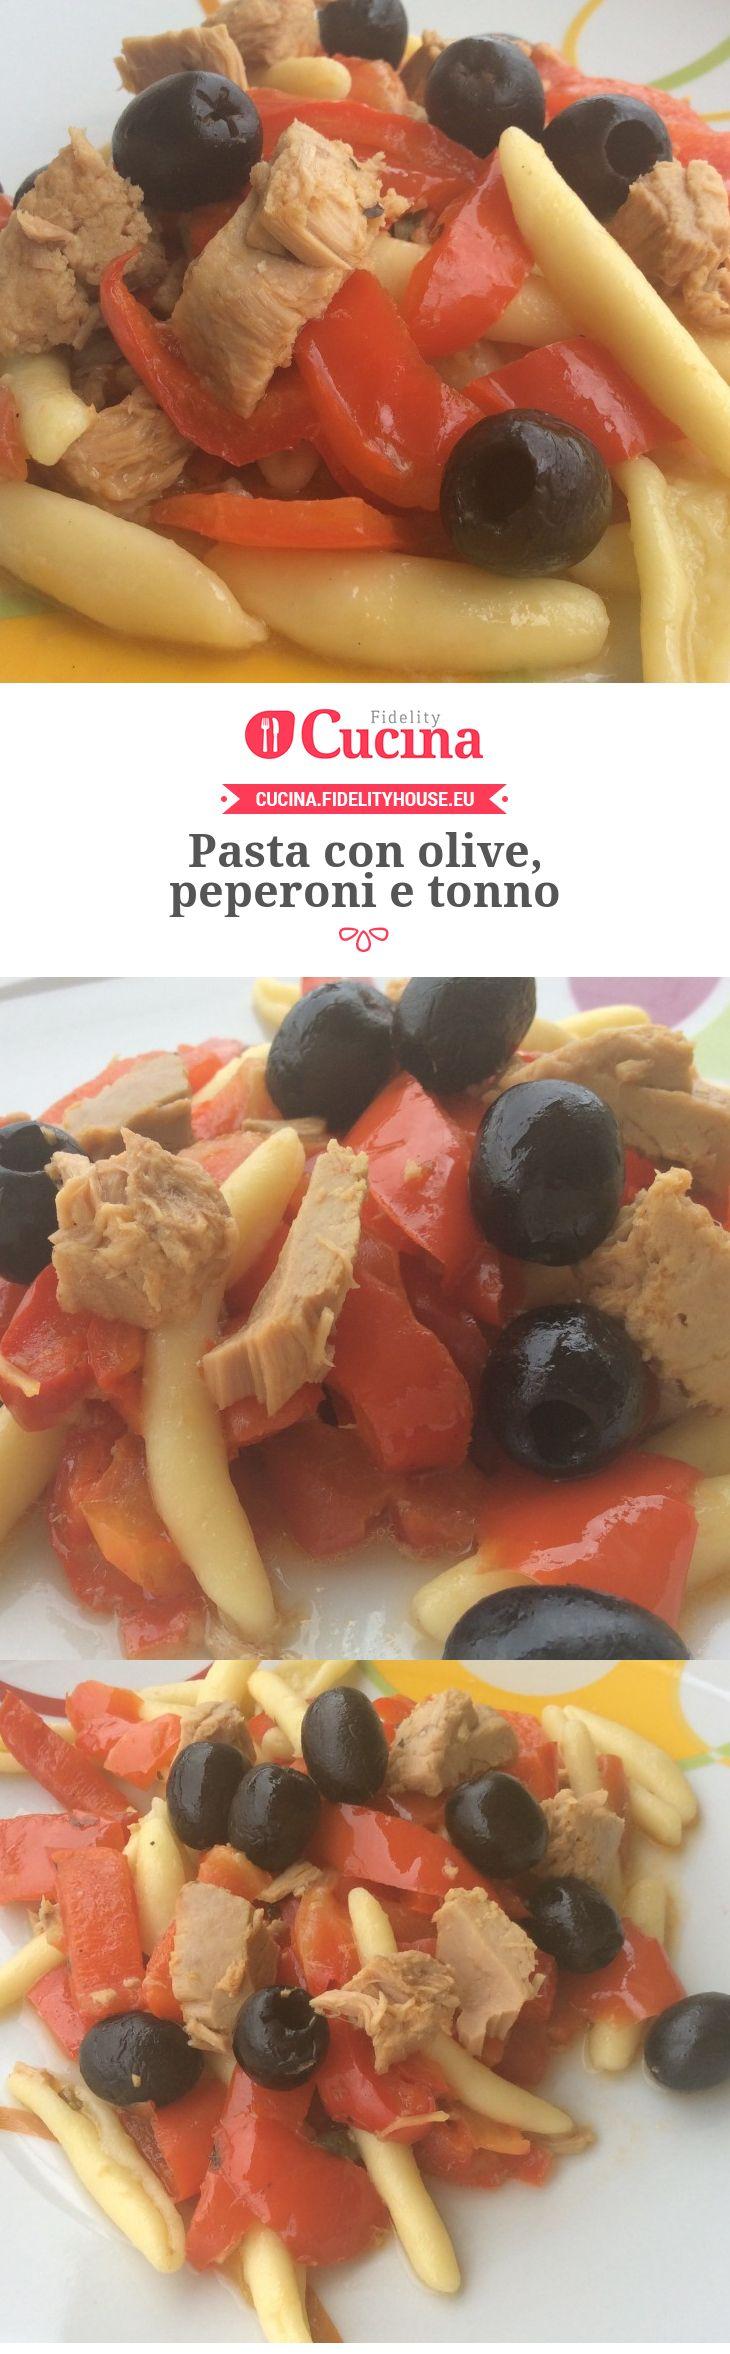 Pasta con olive, peperoni e tonno